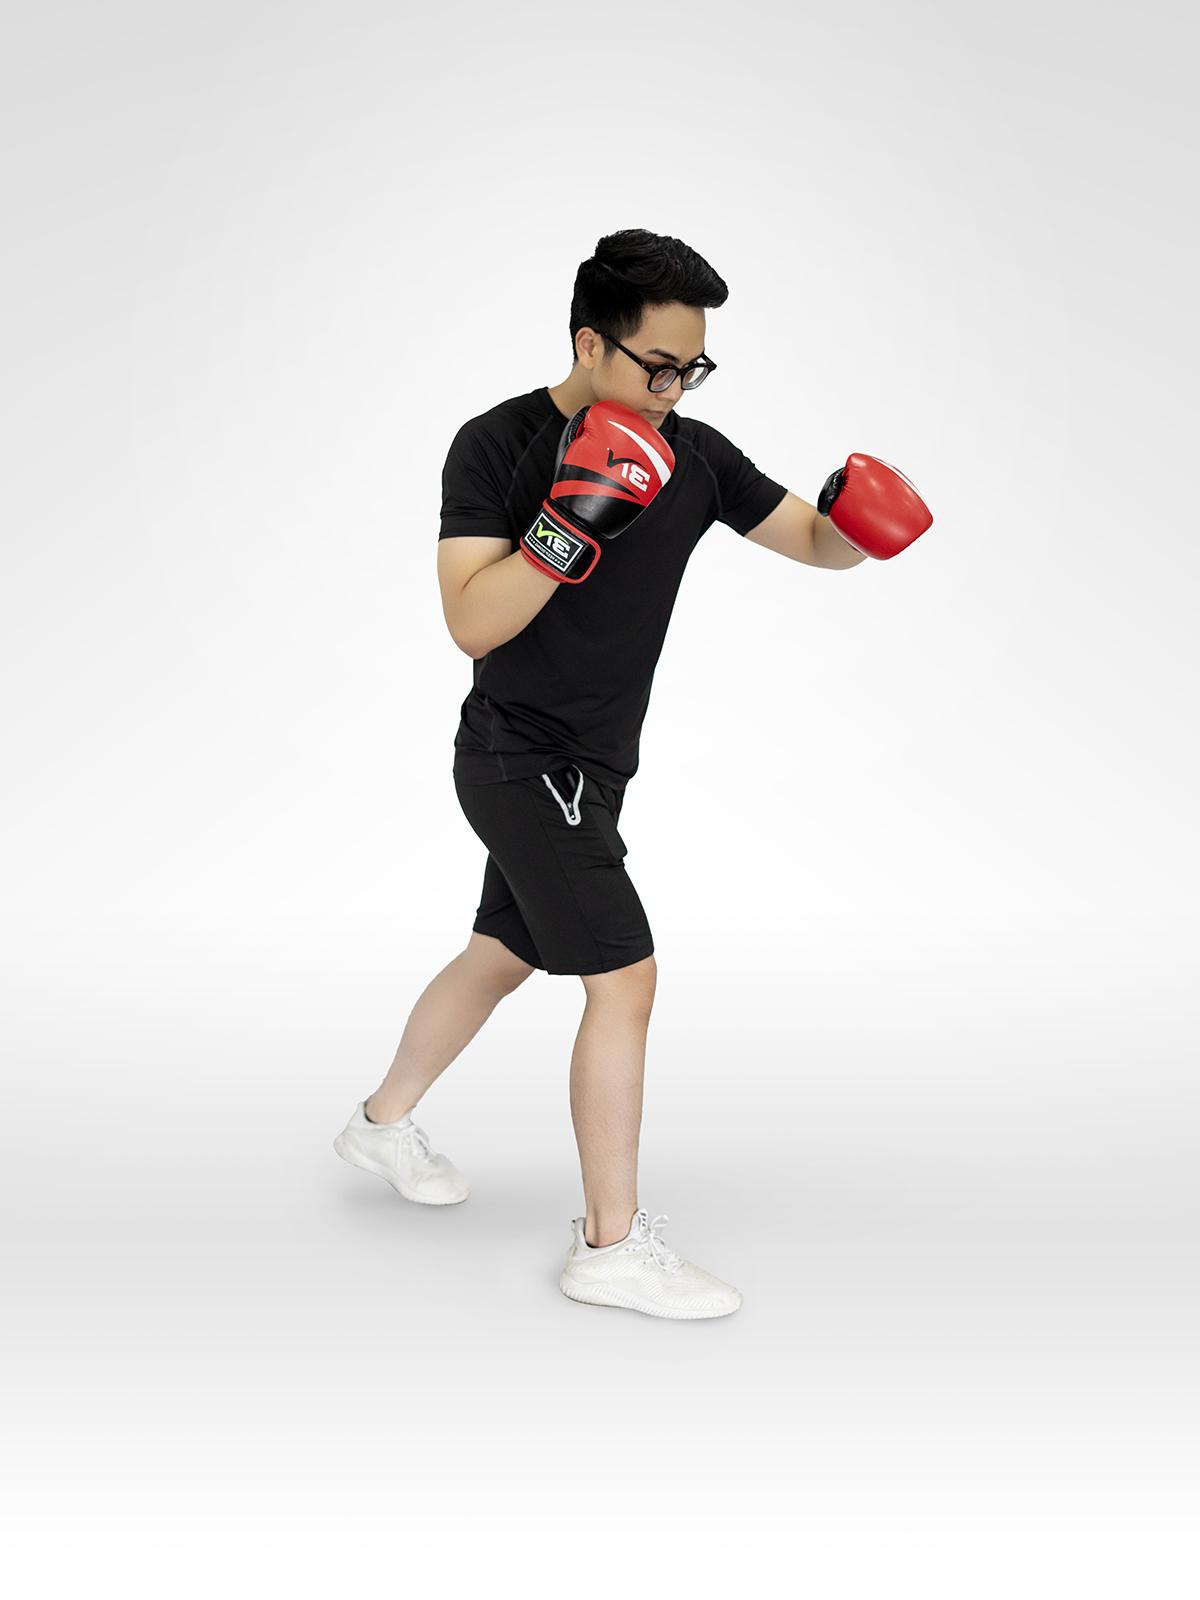 Dv Kick Boxing